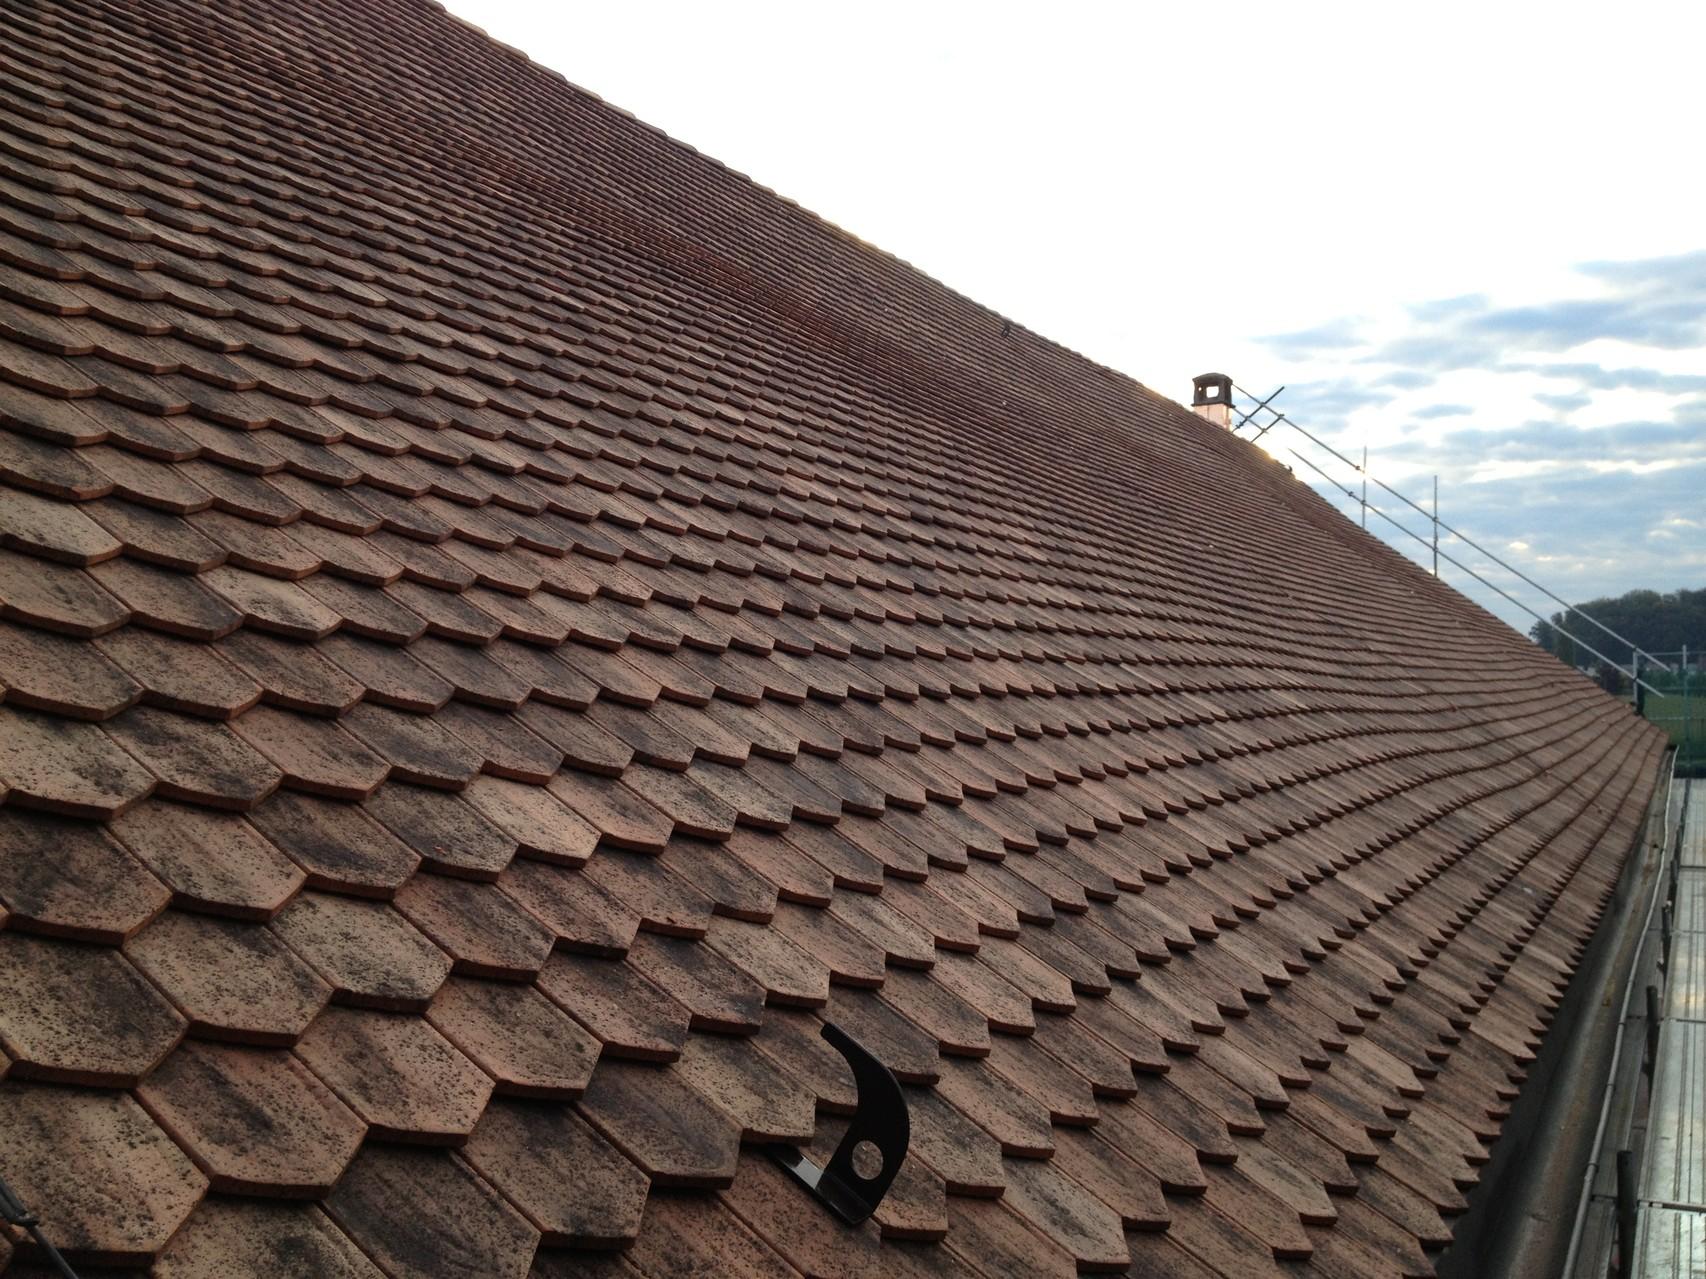 Dach ohne Absatz, nachher